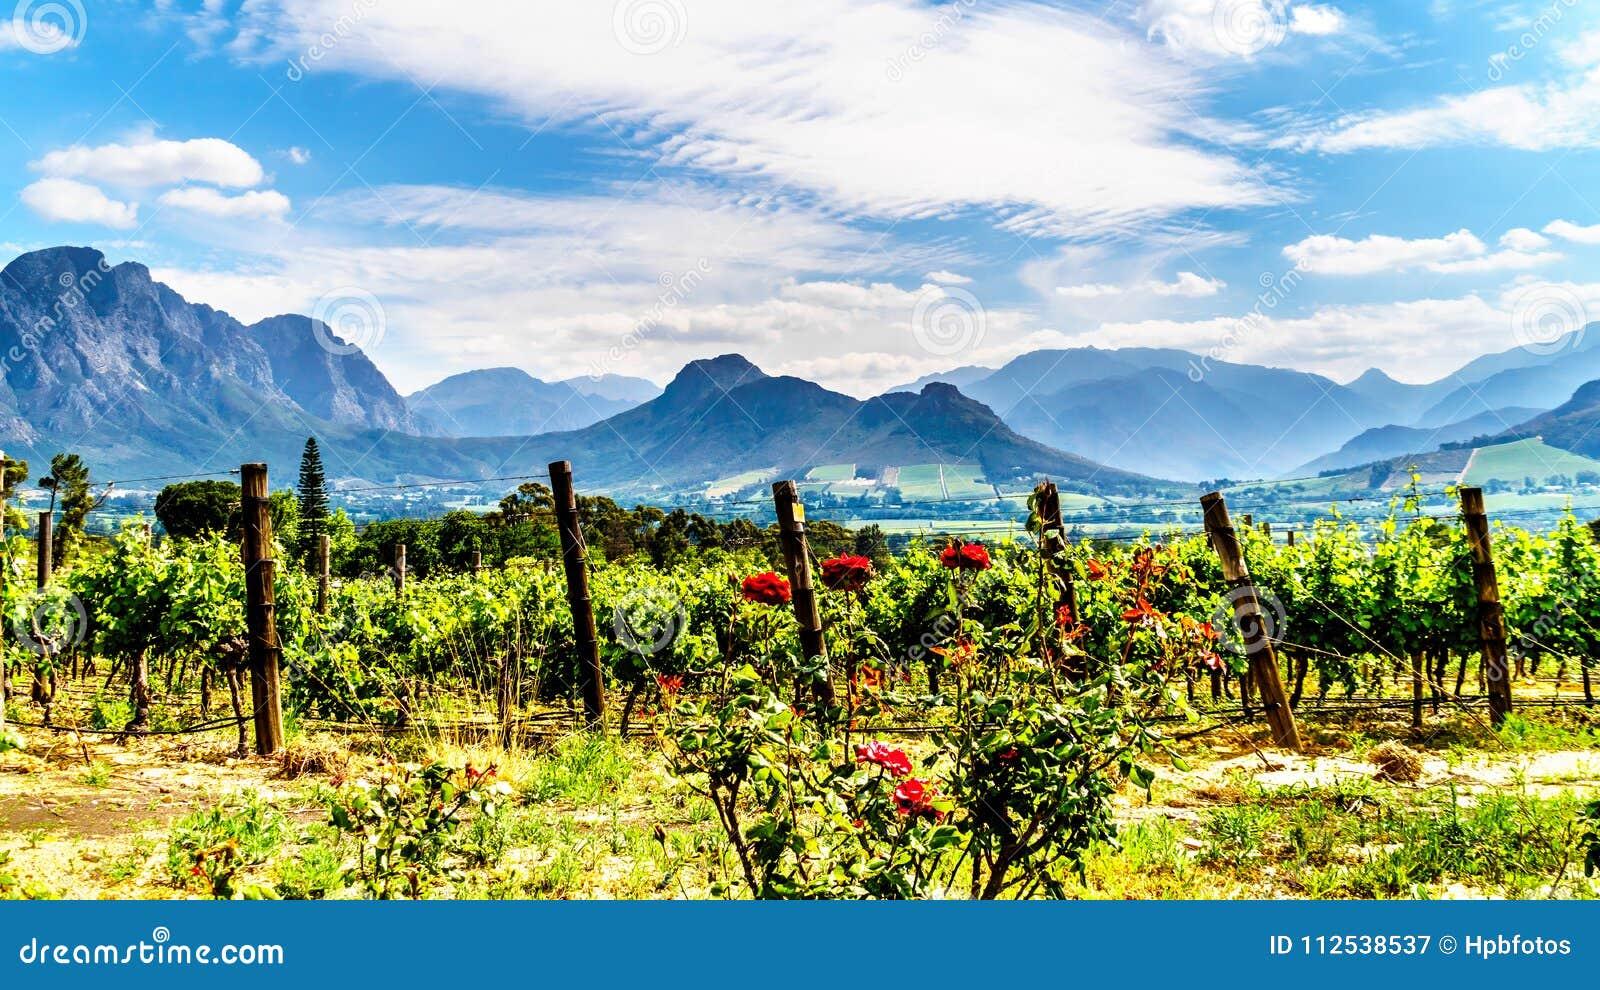 Αμπελώνες του ακρωτηρίου Winelands στην κοιλάδα Franschhoek στο δυτικό ακρωτήριο της Νότιας Αφρικής